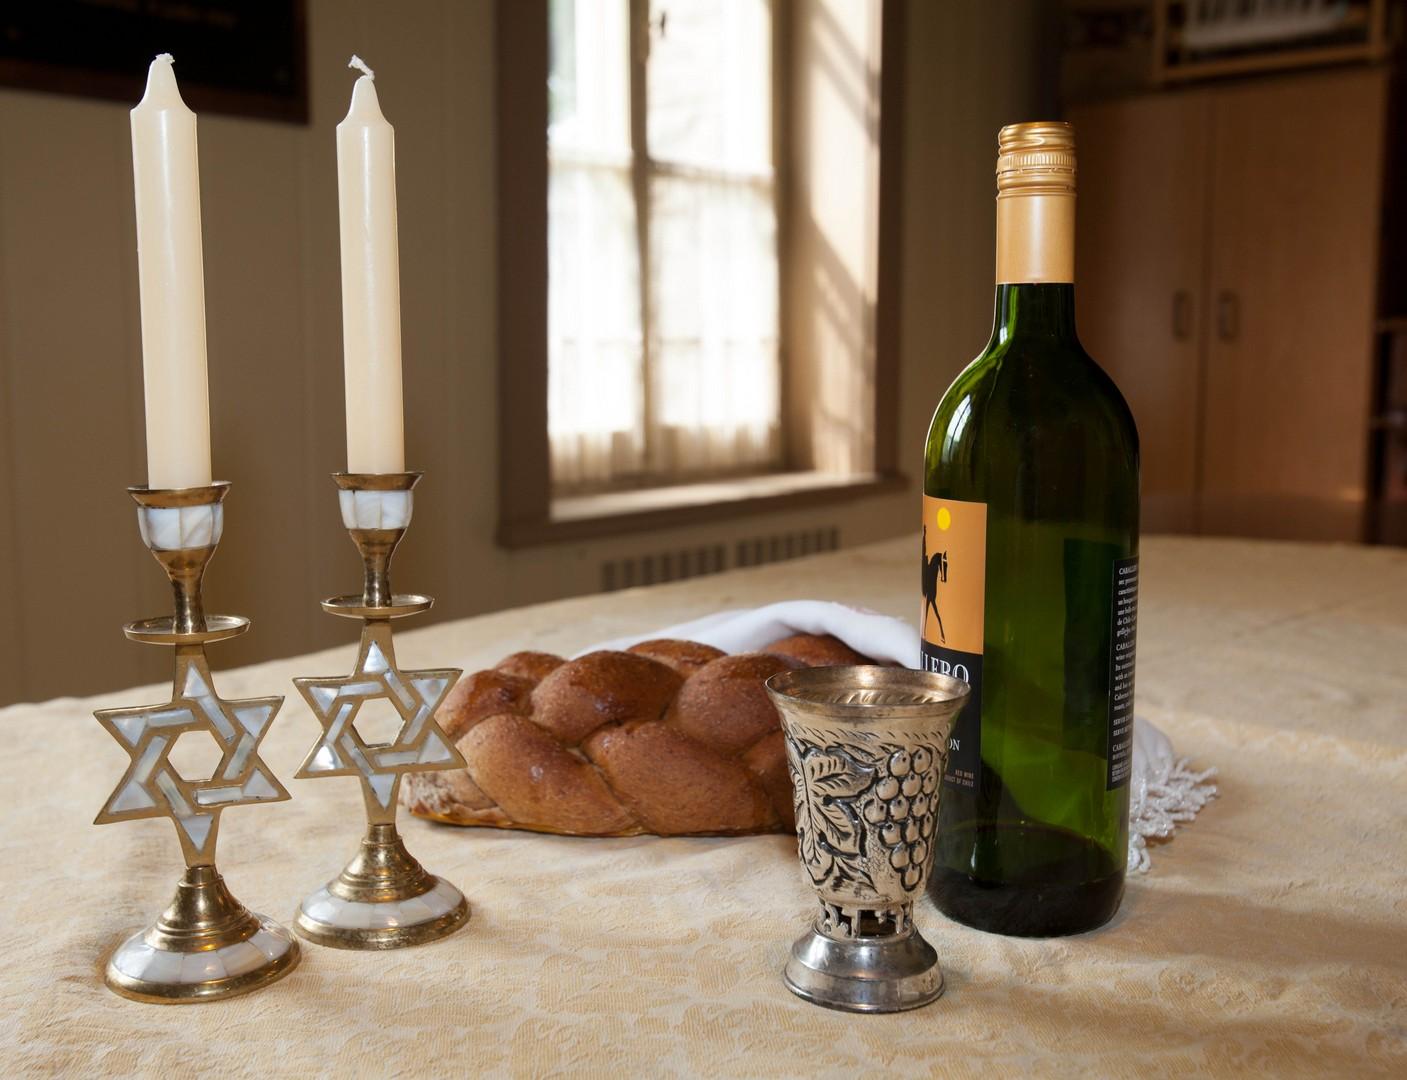 Sabbath candlesticks and wine cup Collection: Musée régional de Vaudreuil-Soulanges